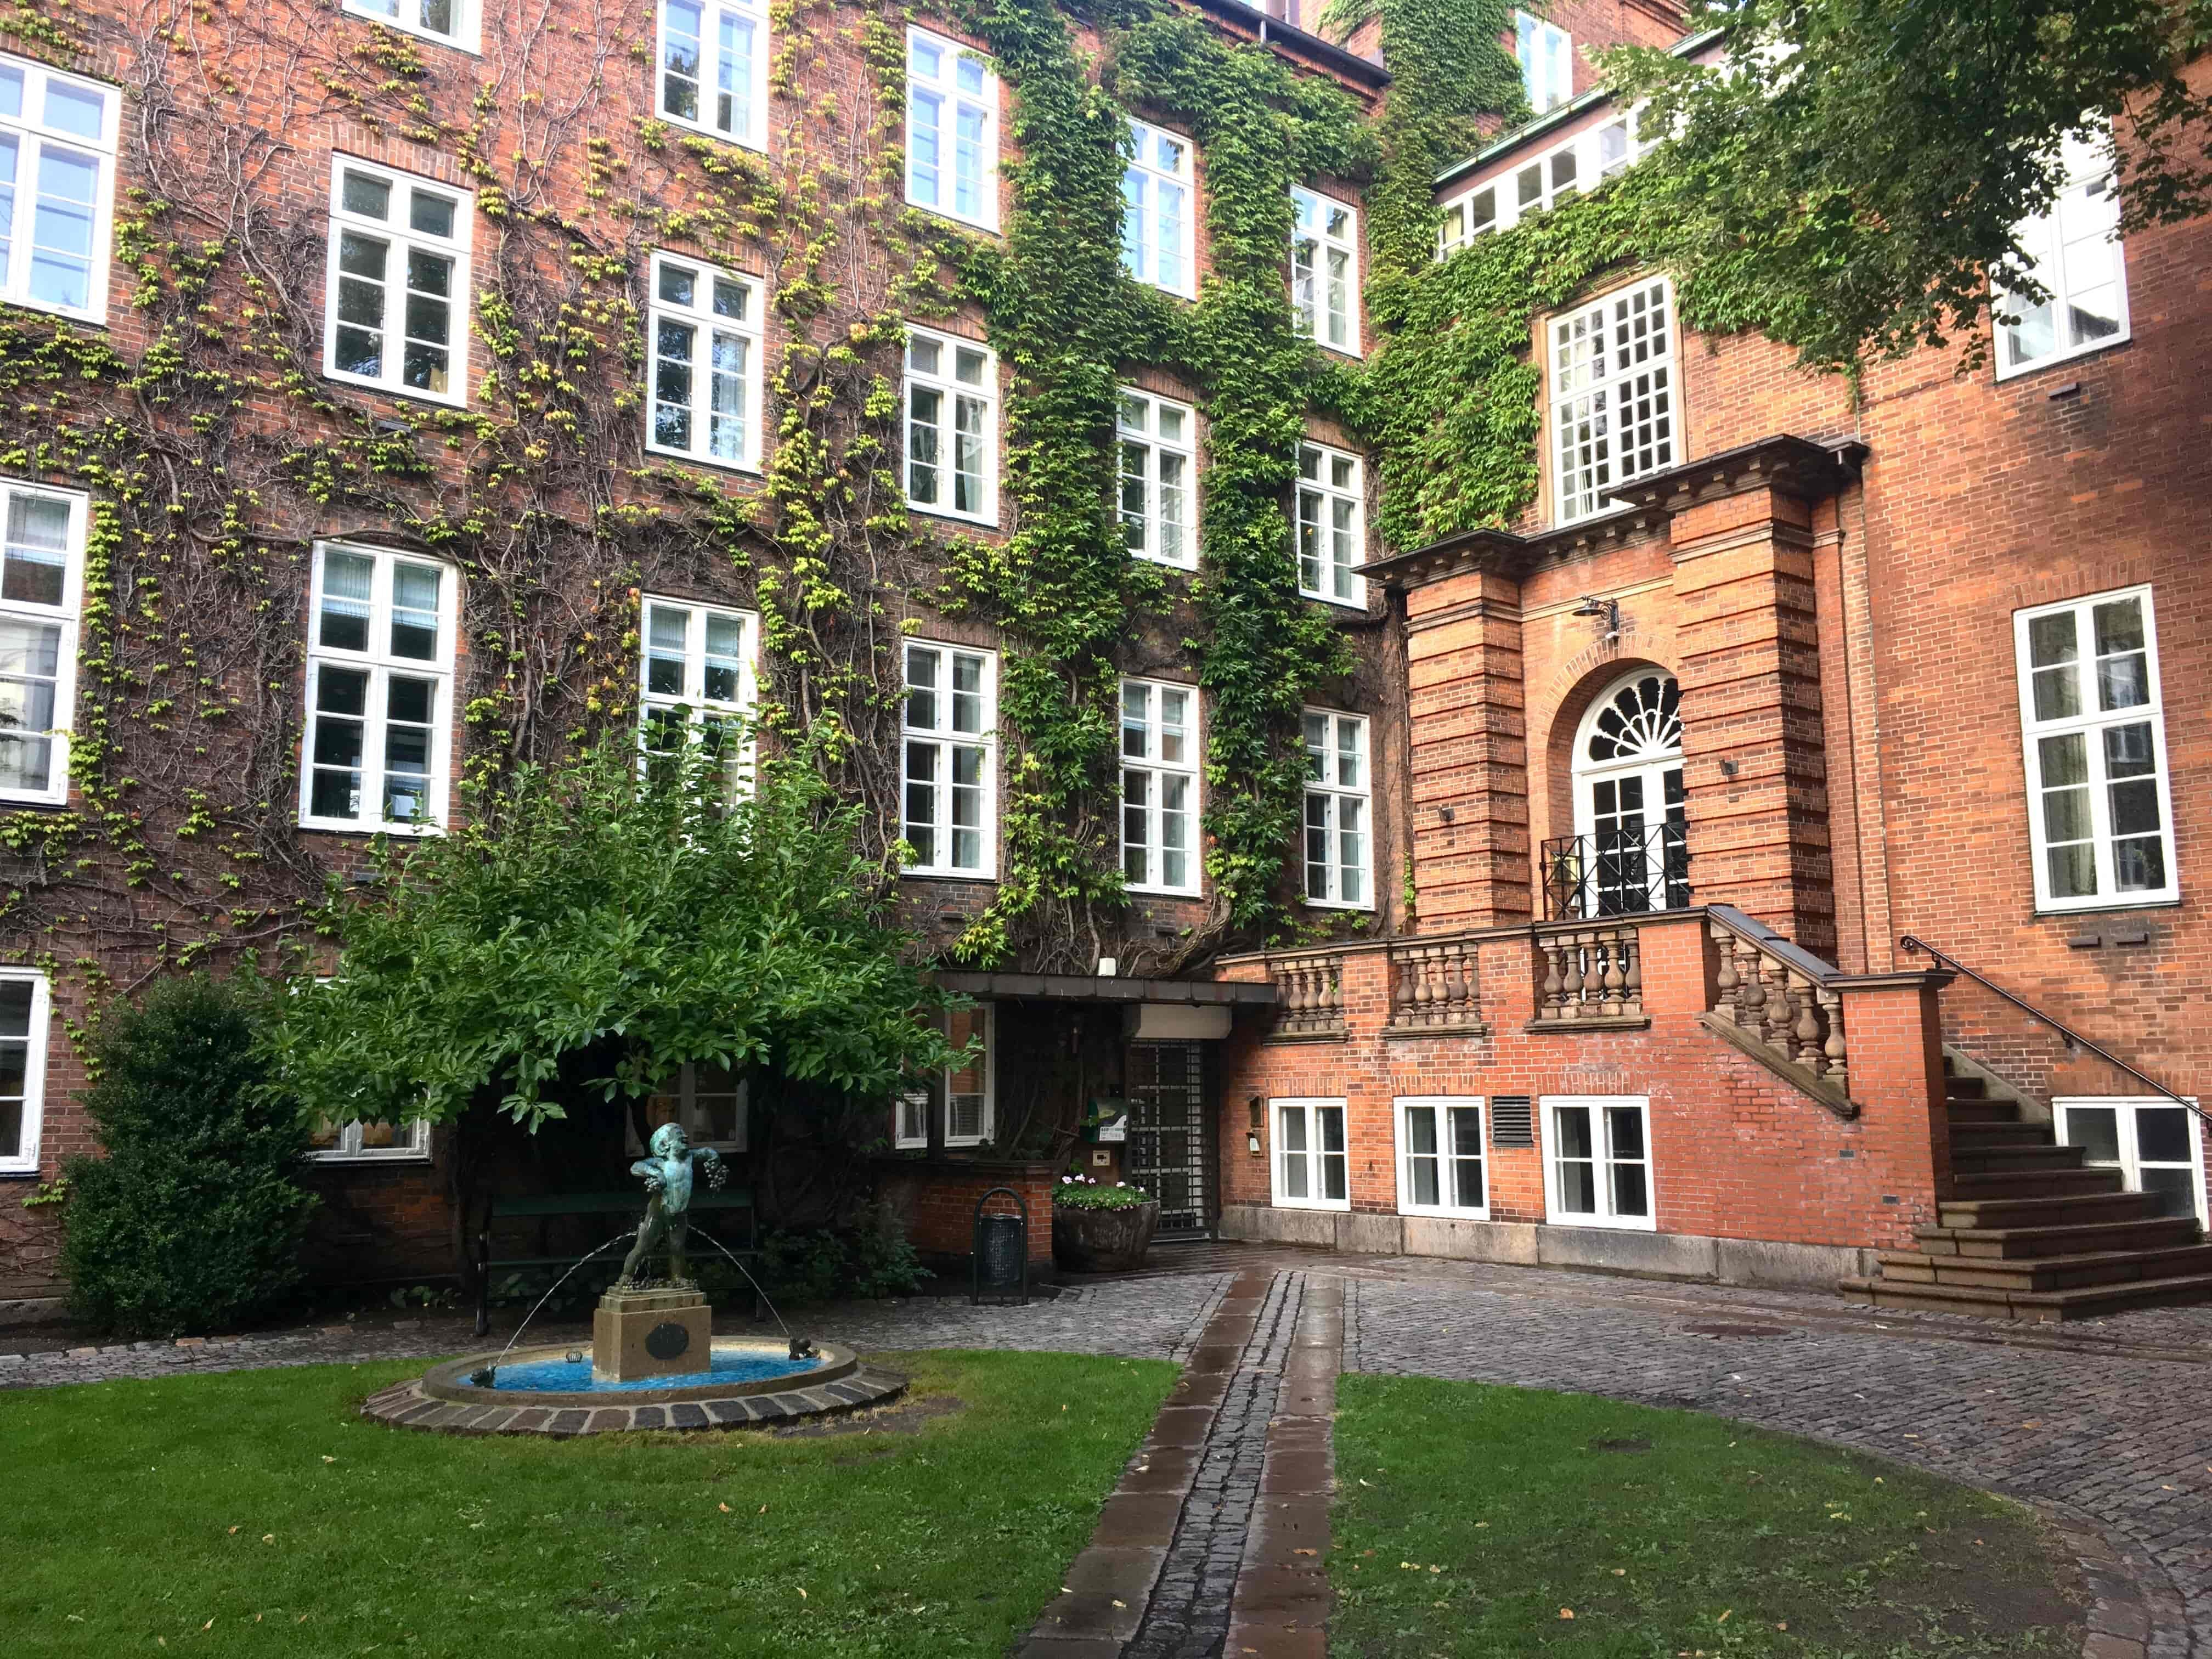 Besplatna web mjesta za upoznavanja u Kopenhagenu